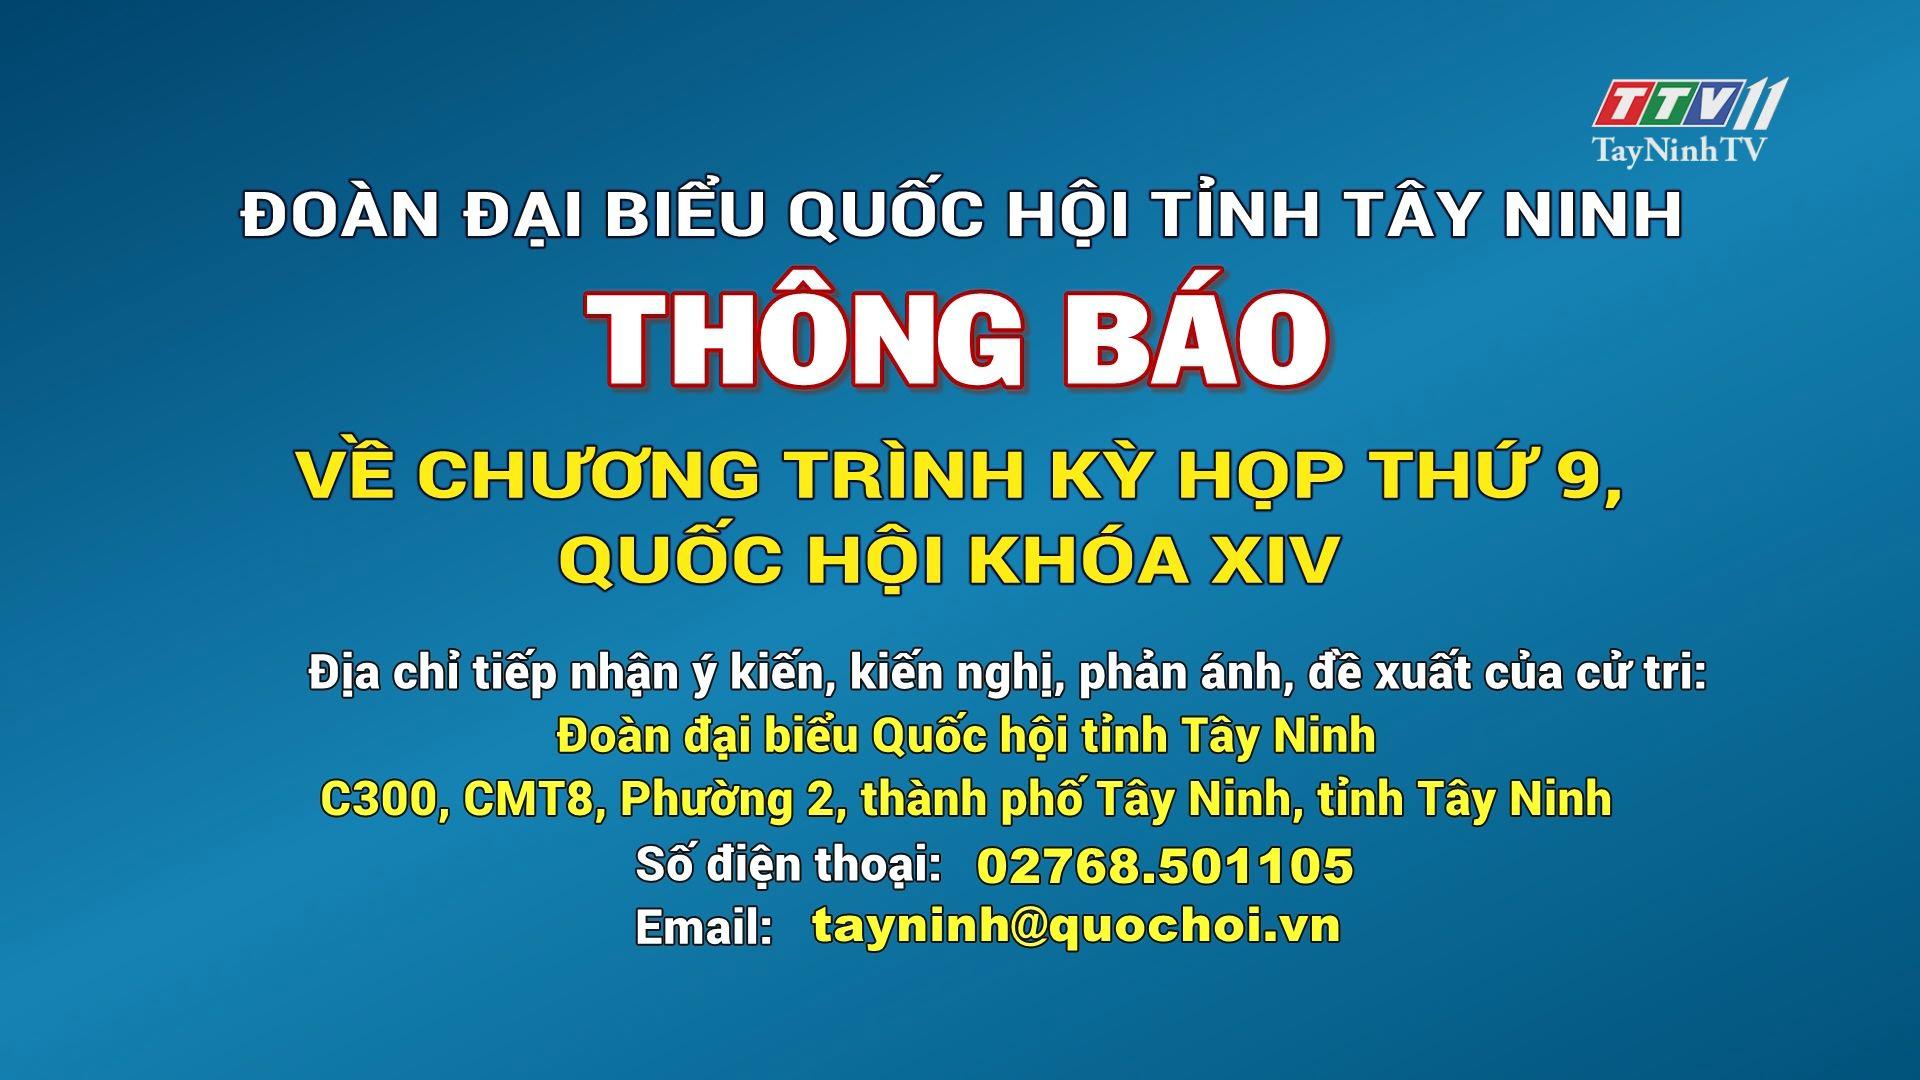 THÔNG BÁO về chương trình kỳ họp thứ 9, Quốc hội khóa XIV | TayNinhTV